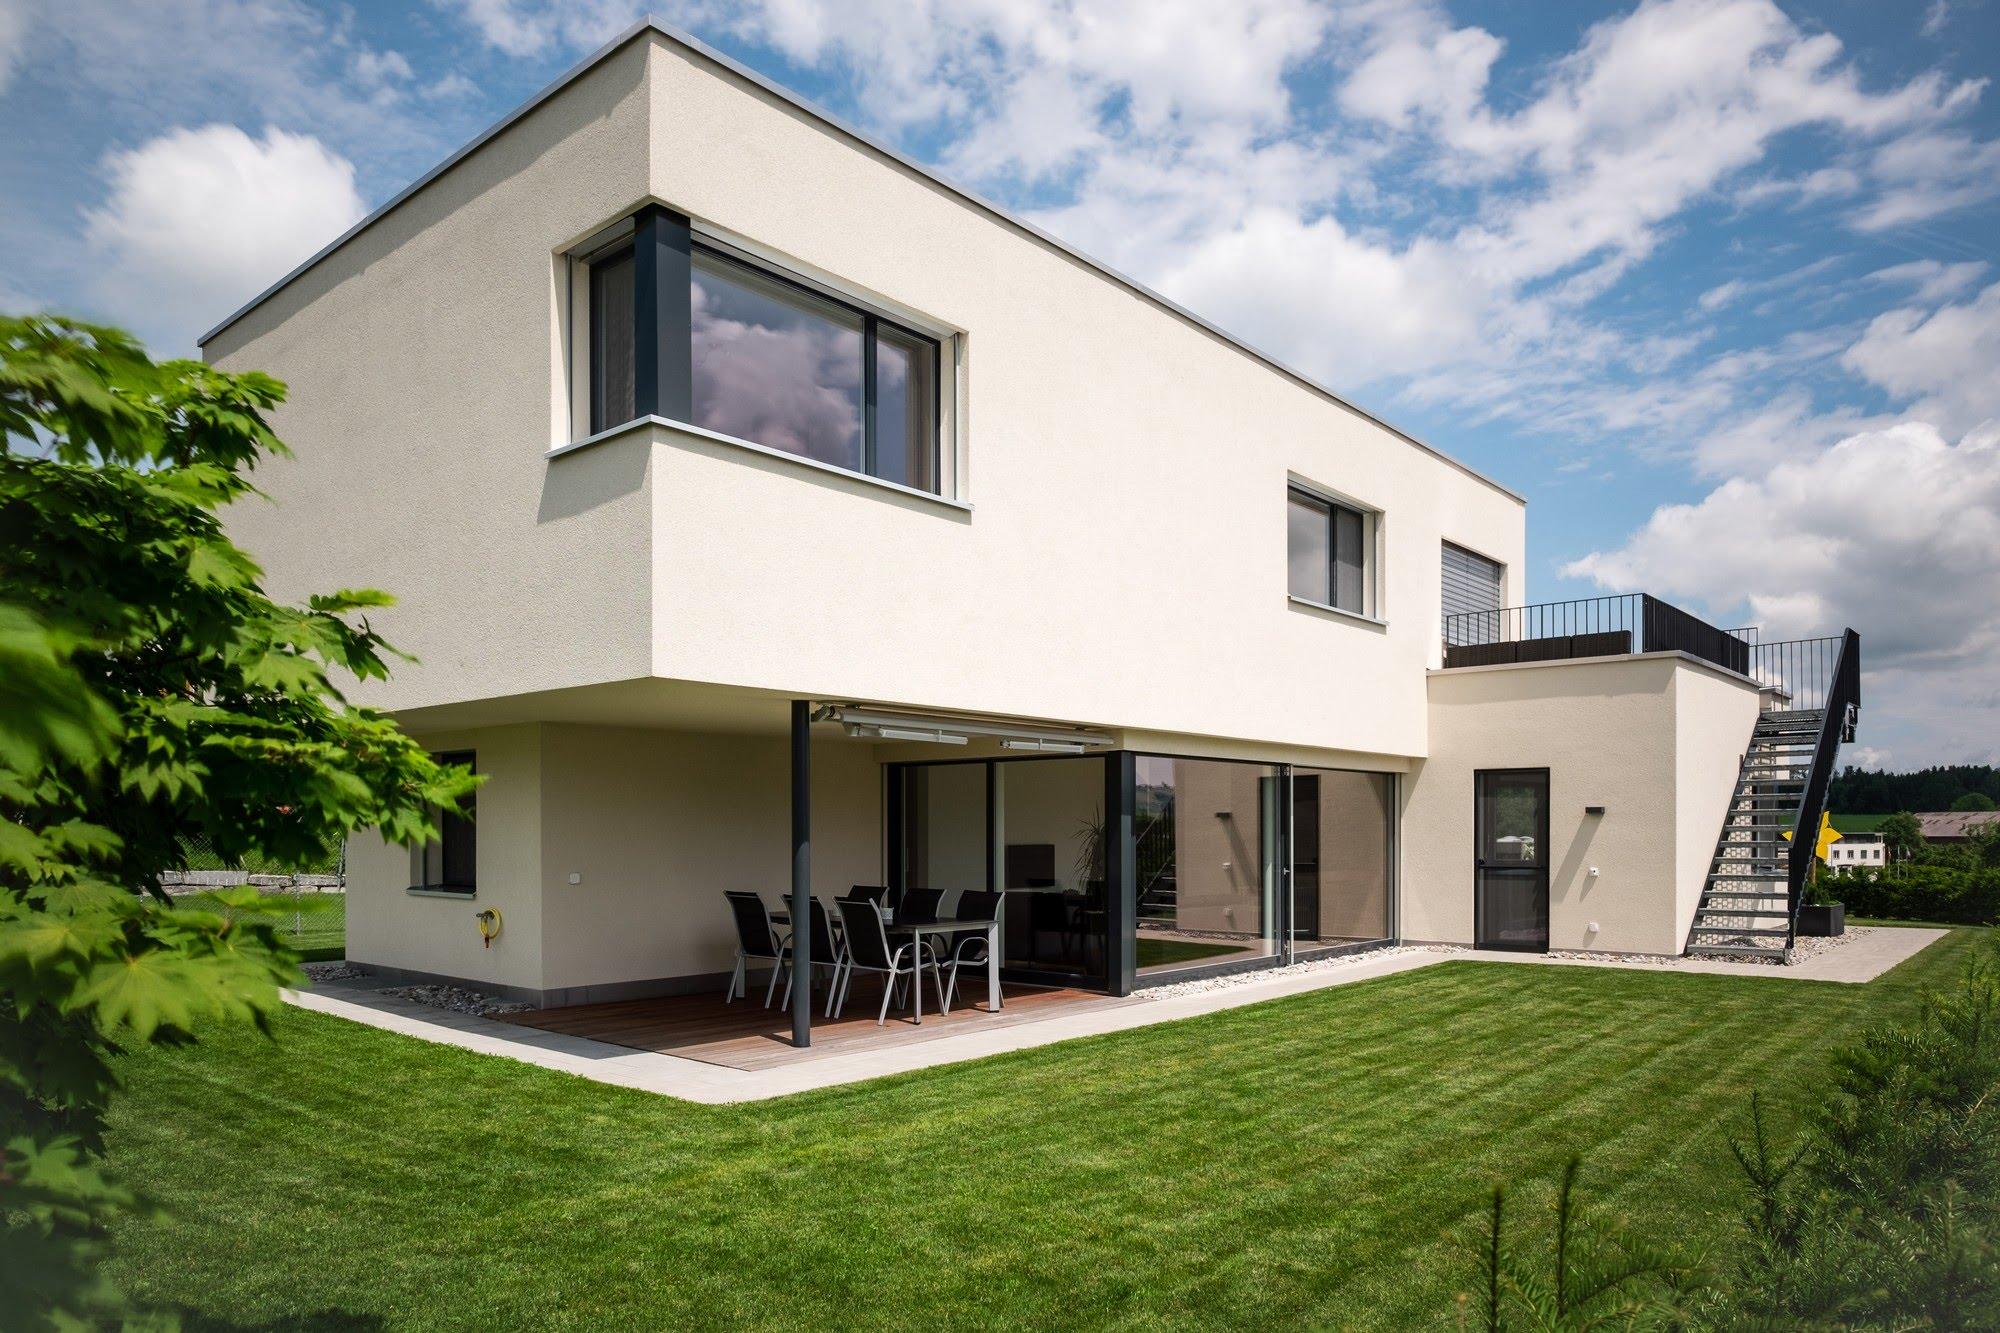 Wohnen EFH EFH in Ballwil Architektur,Wohnungsbau,Wohnhäuser,Einfamilienhäuser,Mehrfamilienhäuser